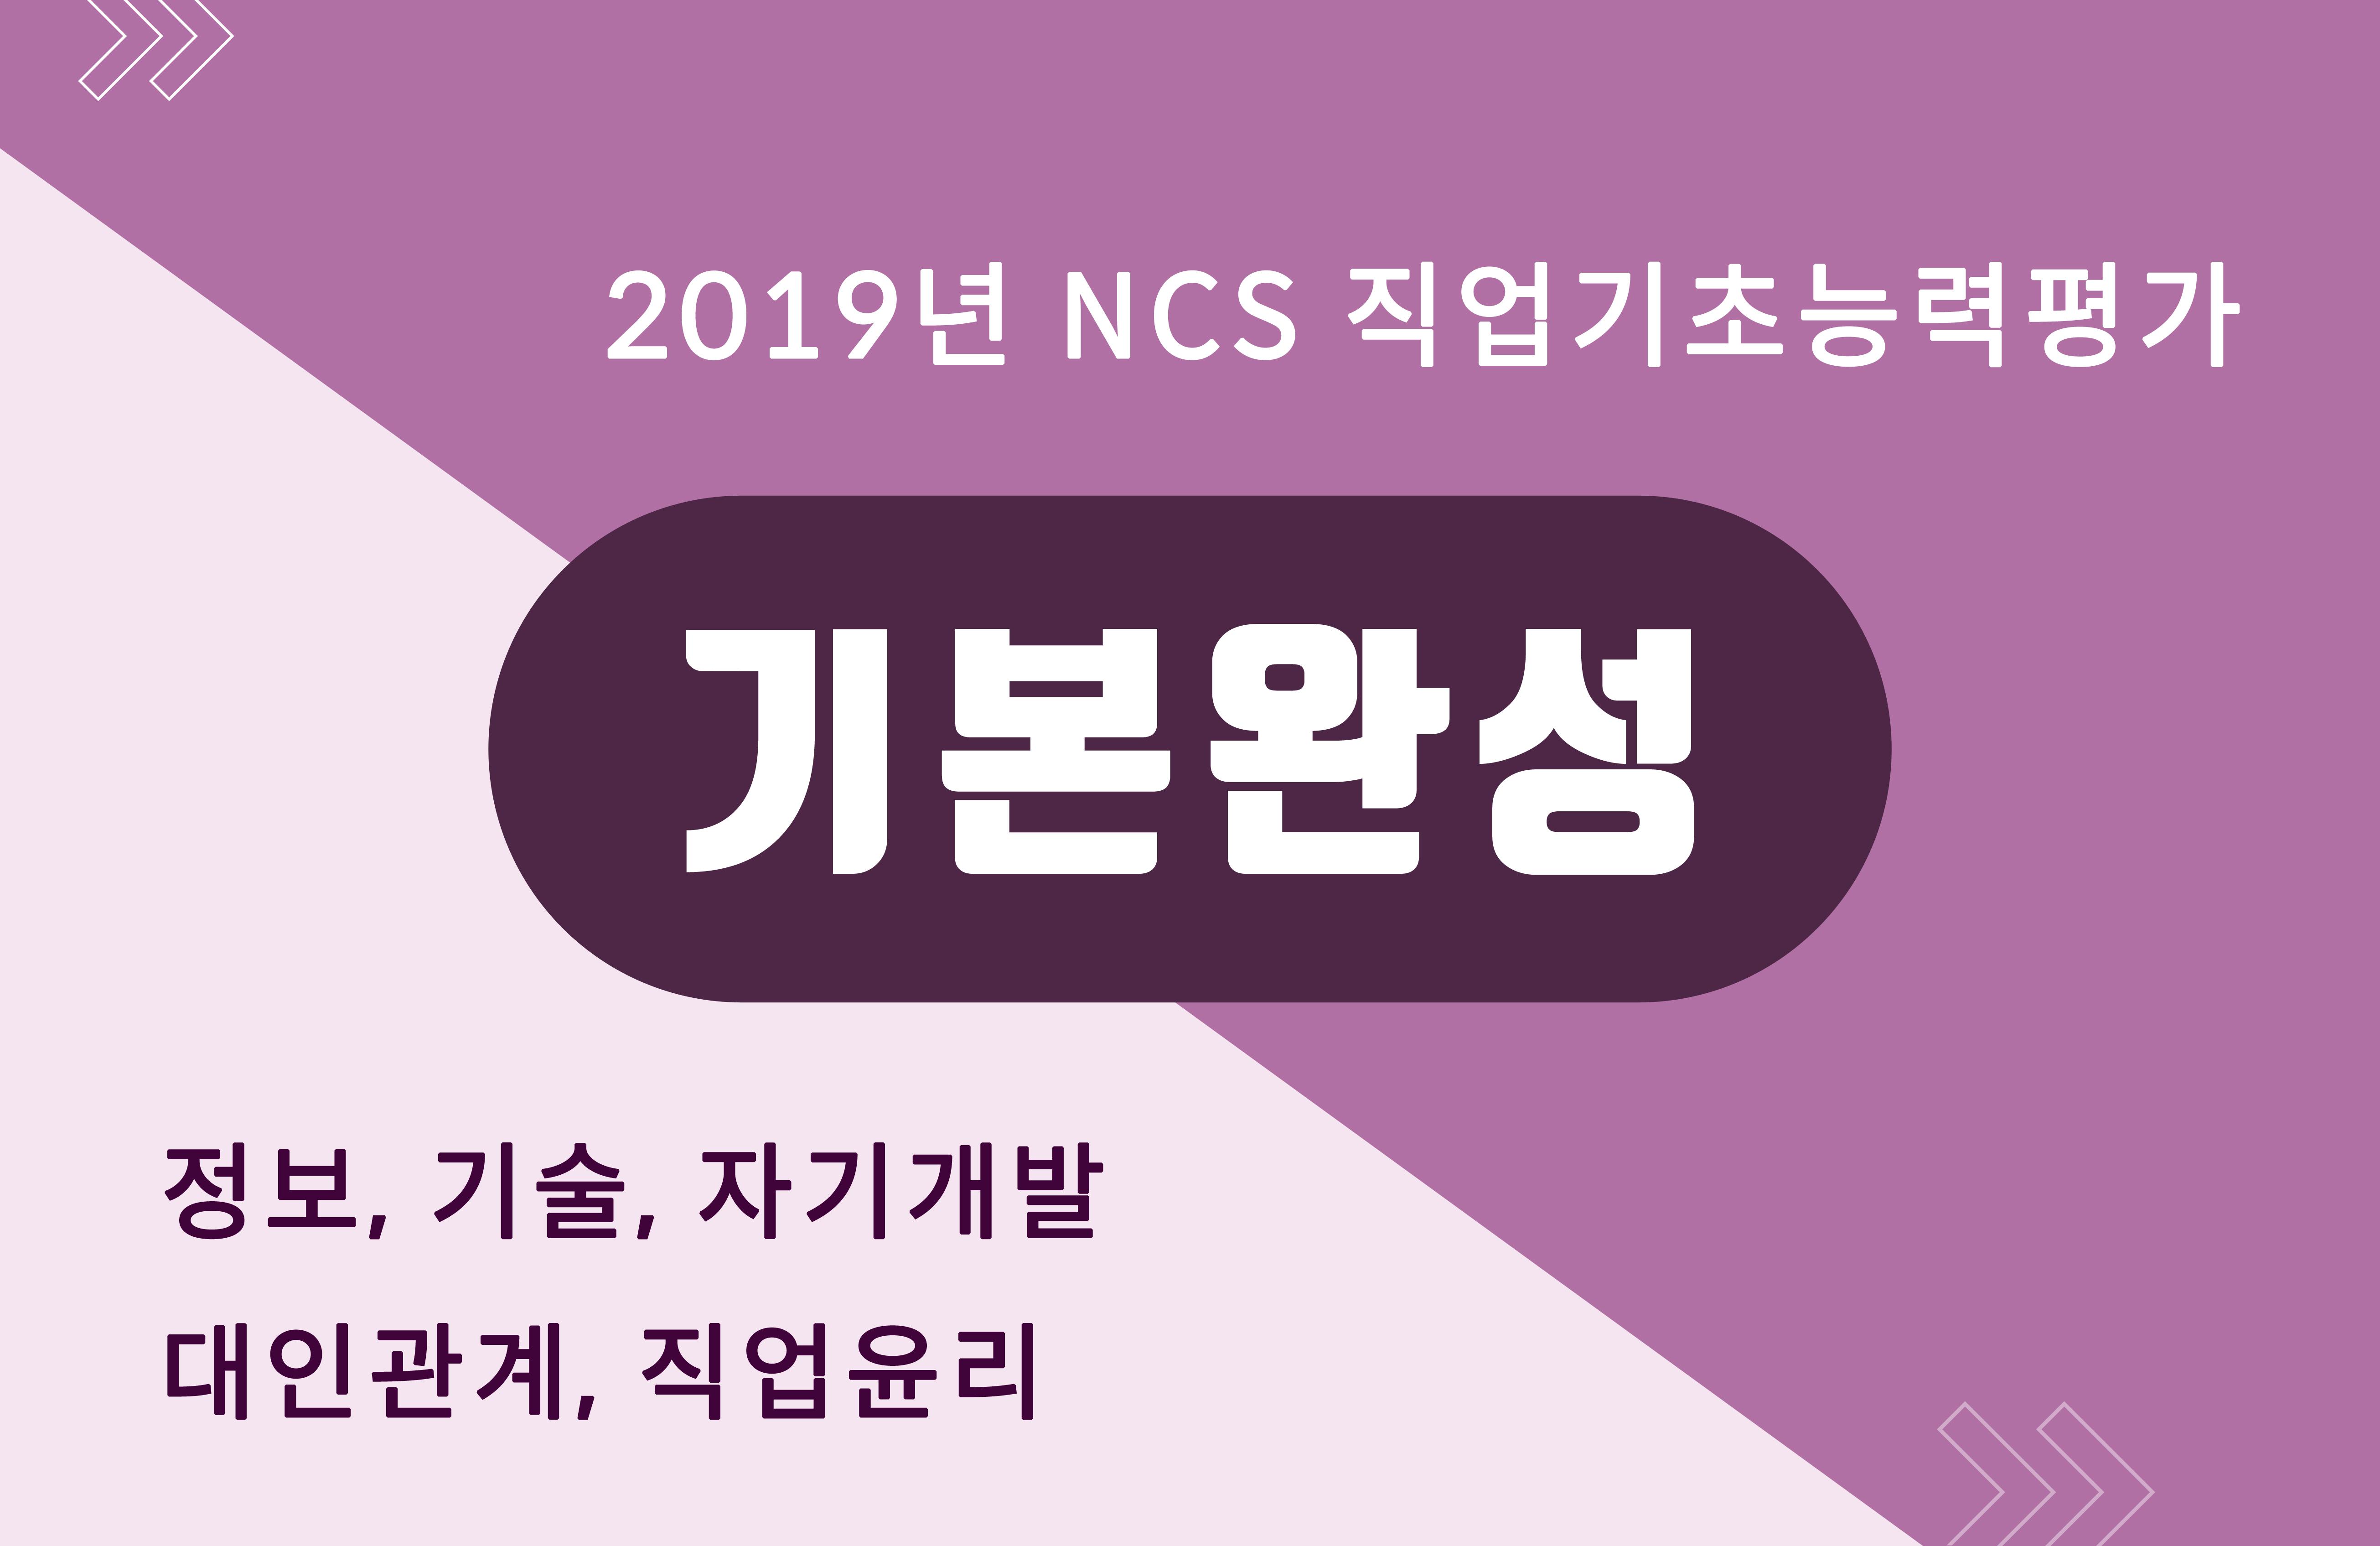 [진짜기출에서 뽑은 256개 유형] 2019 NCS 직업기초능력평가 기본완성 - 정보, 기술, 자기개발, 대인관계, 직업윤리